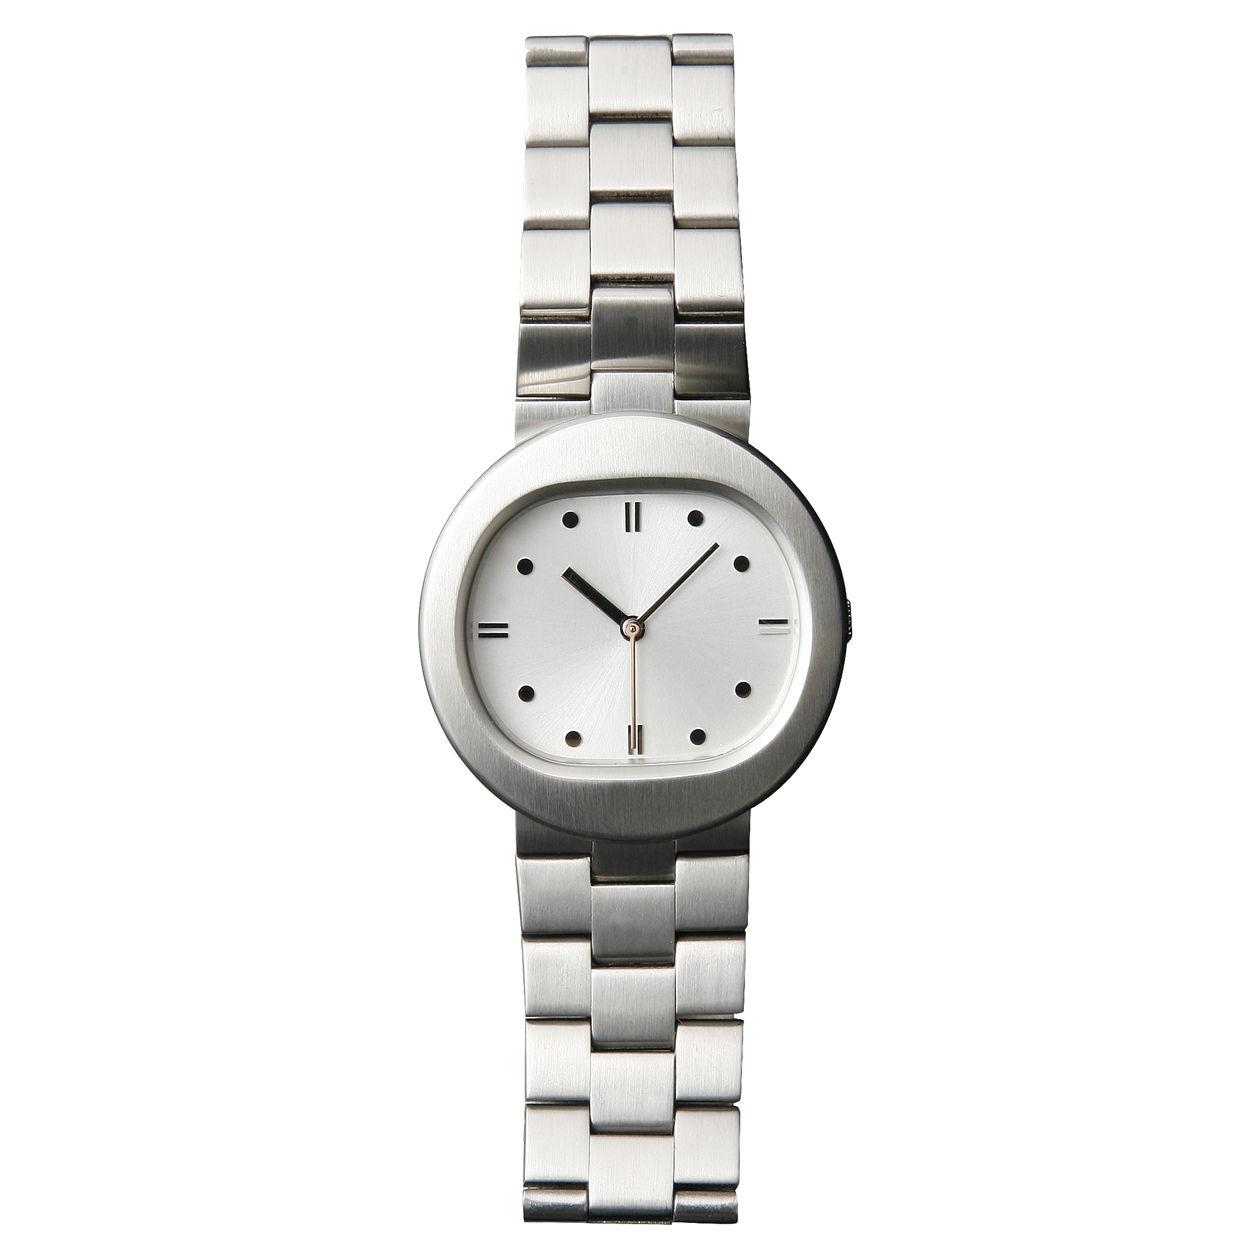 ステンレス腕時計